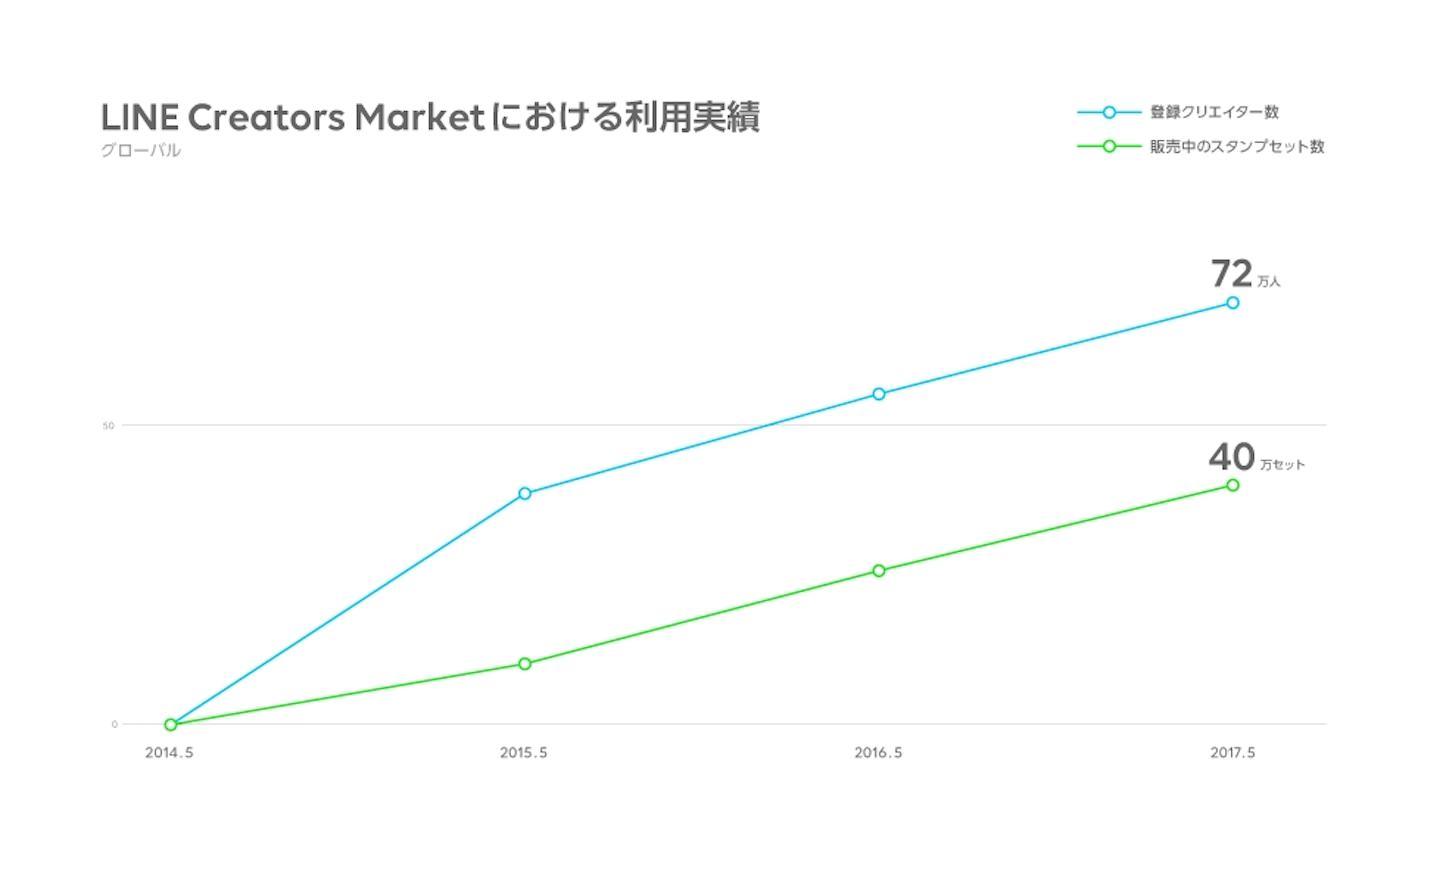 Line Creators Market in 3 yreas